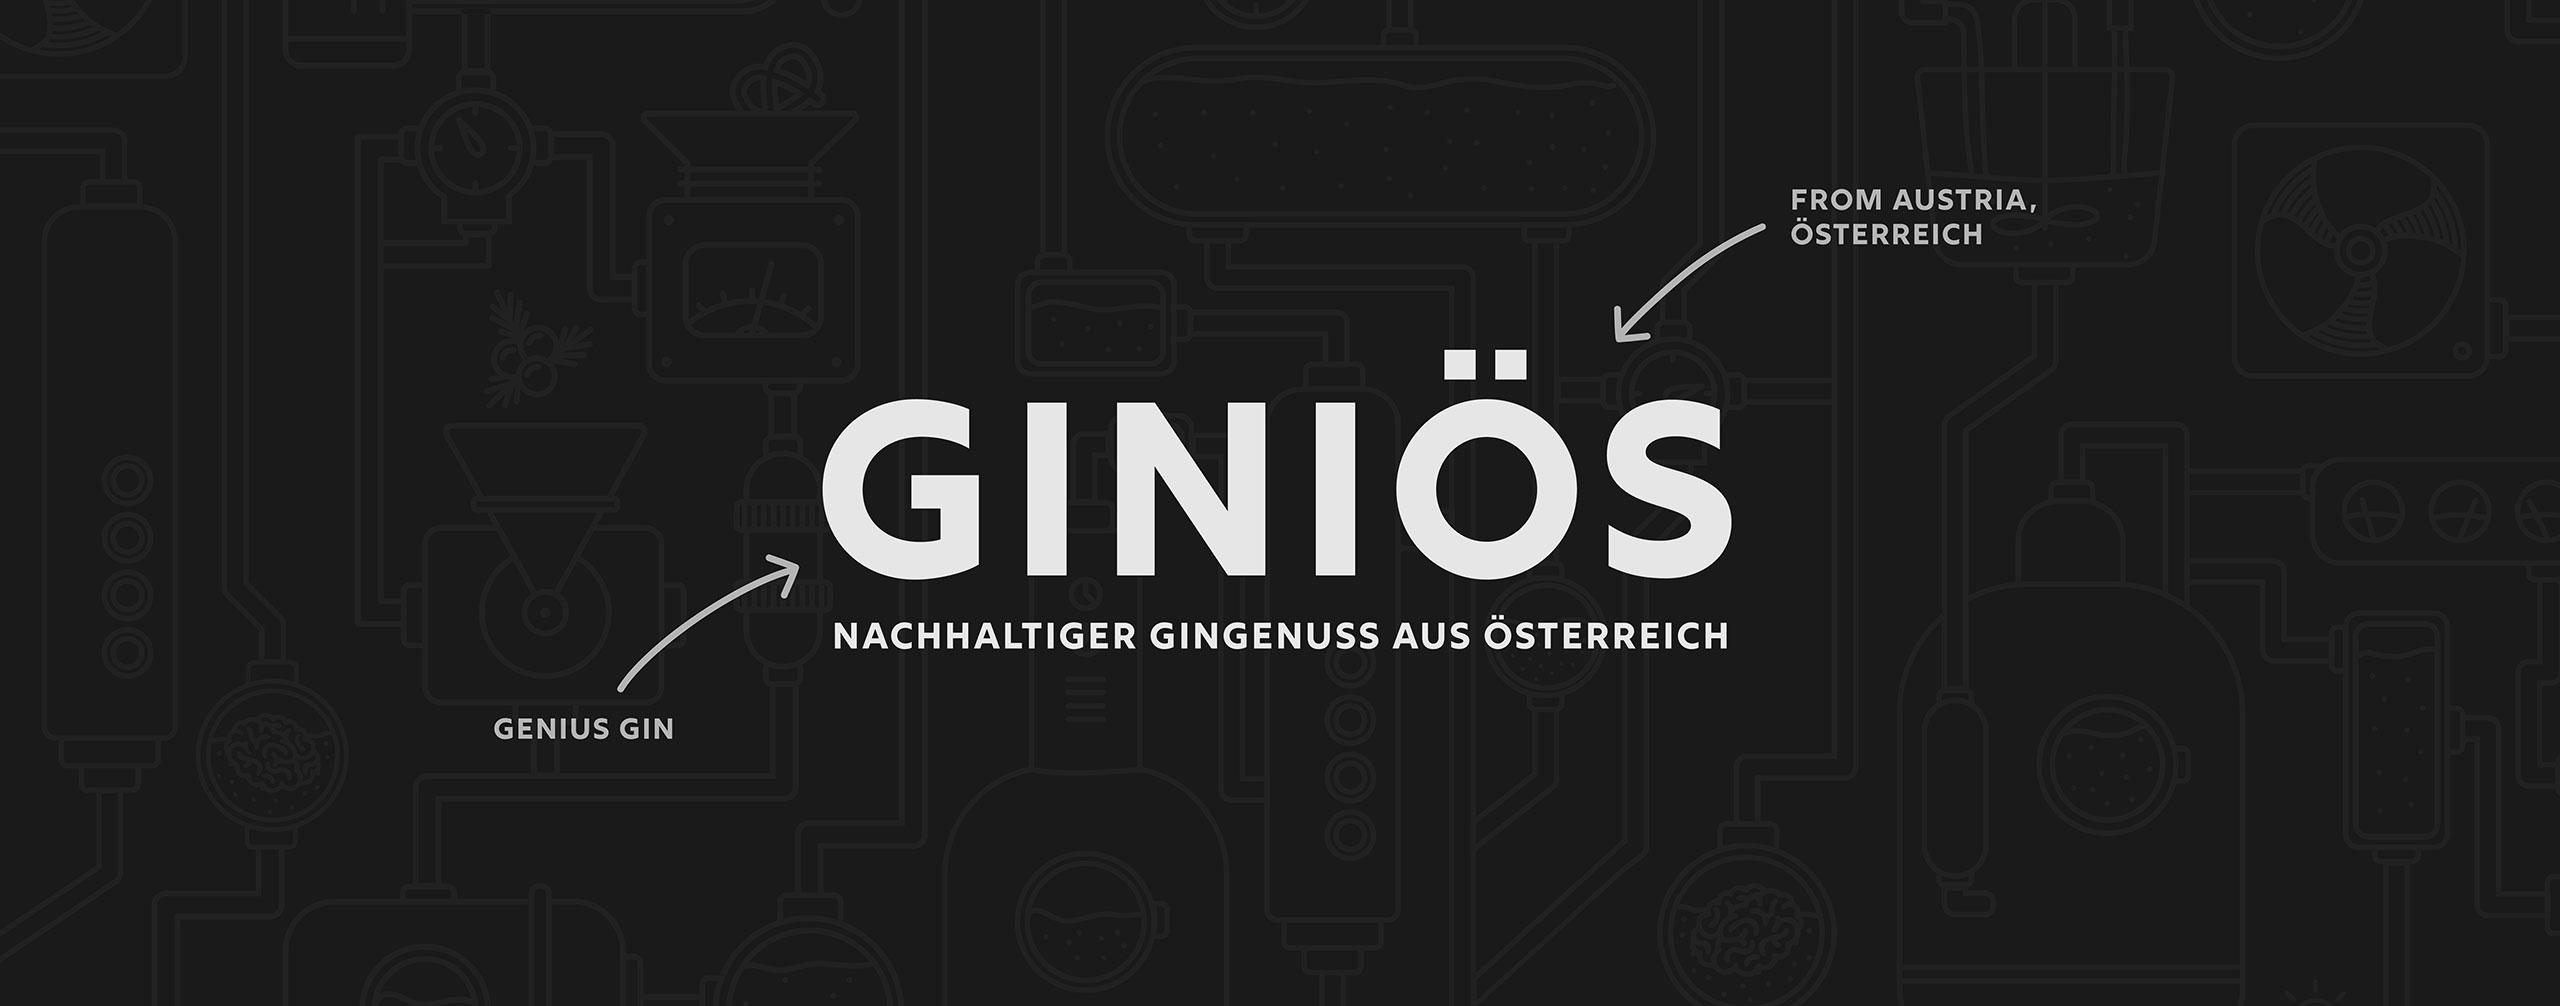 ginius-logoshow-01